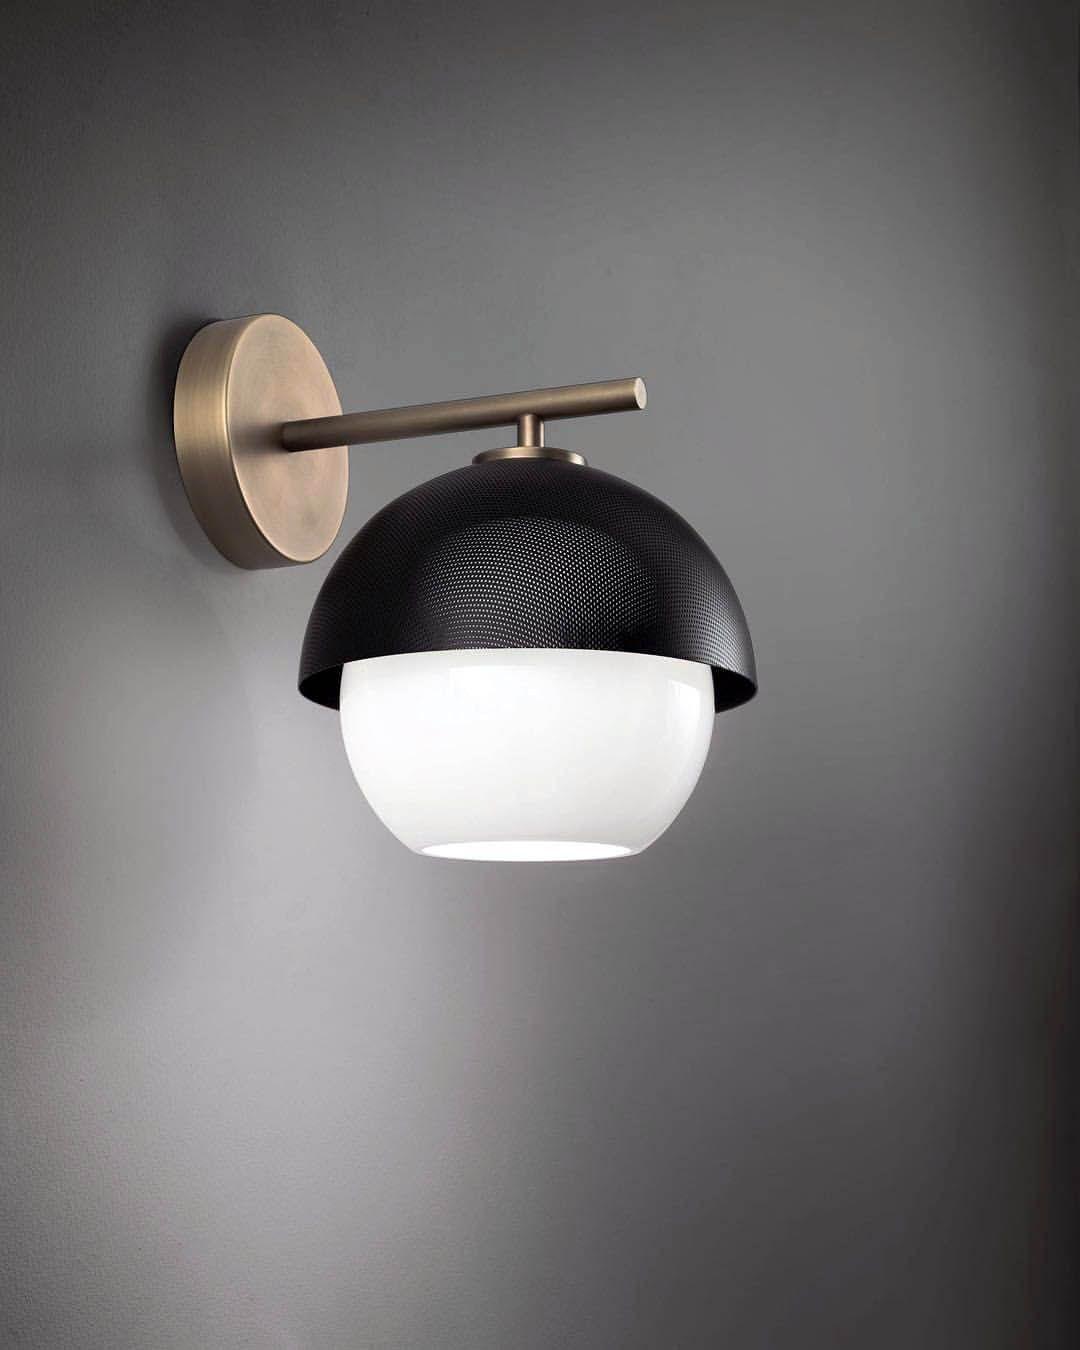 Elite Bathroom Light Fixtures With Outlet On This Favorite Site Bathroom Light Fixtures Modern Lighting Chandeliers Light Fixtures